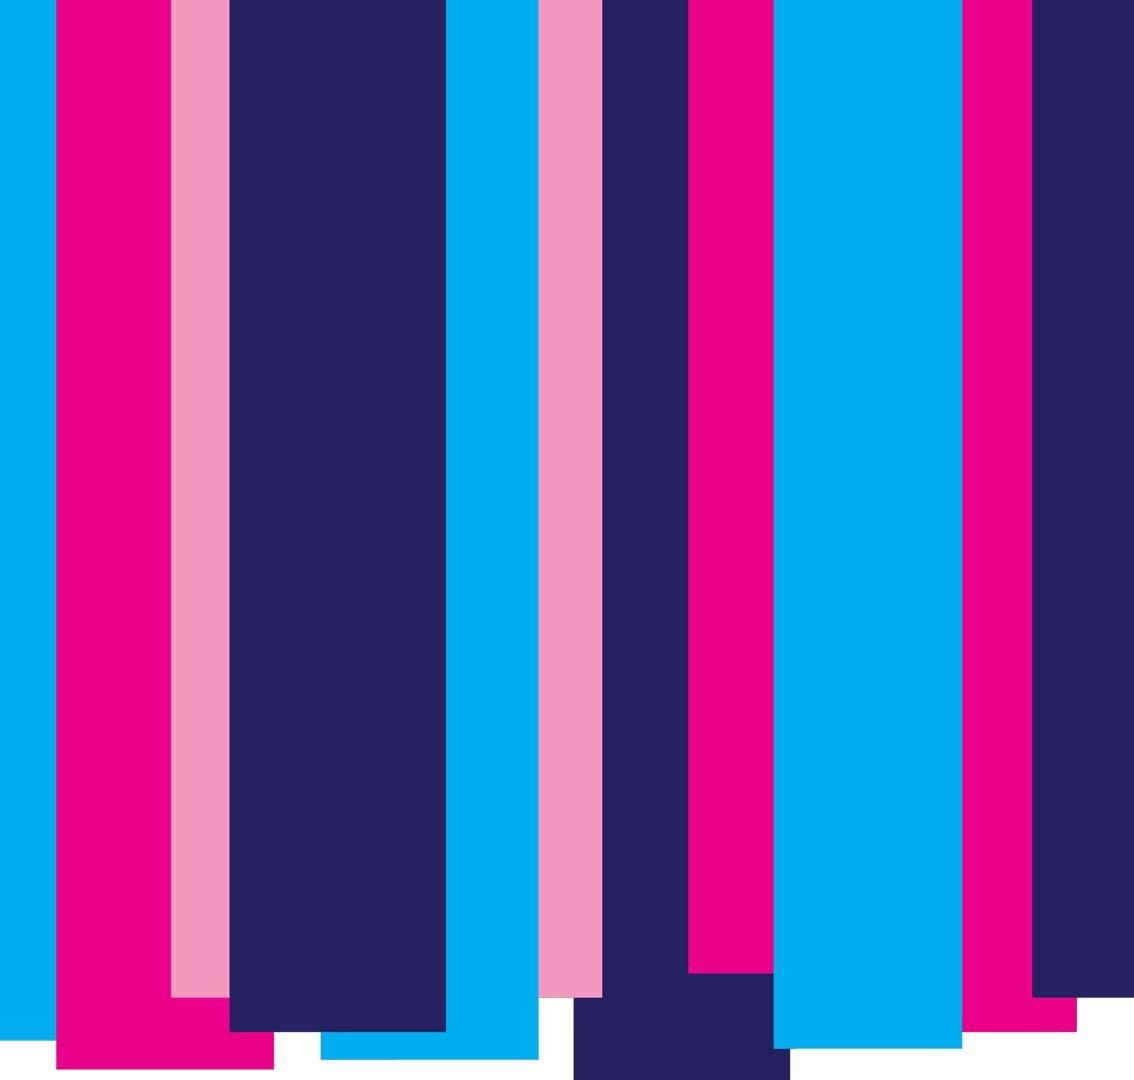 color_bars